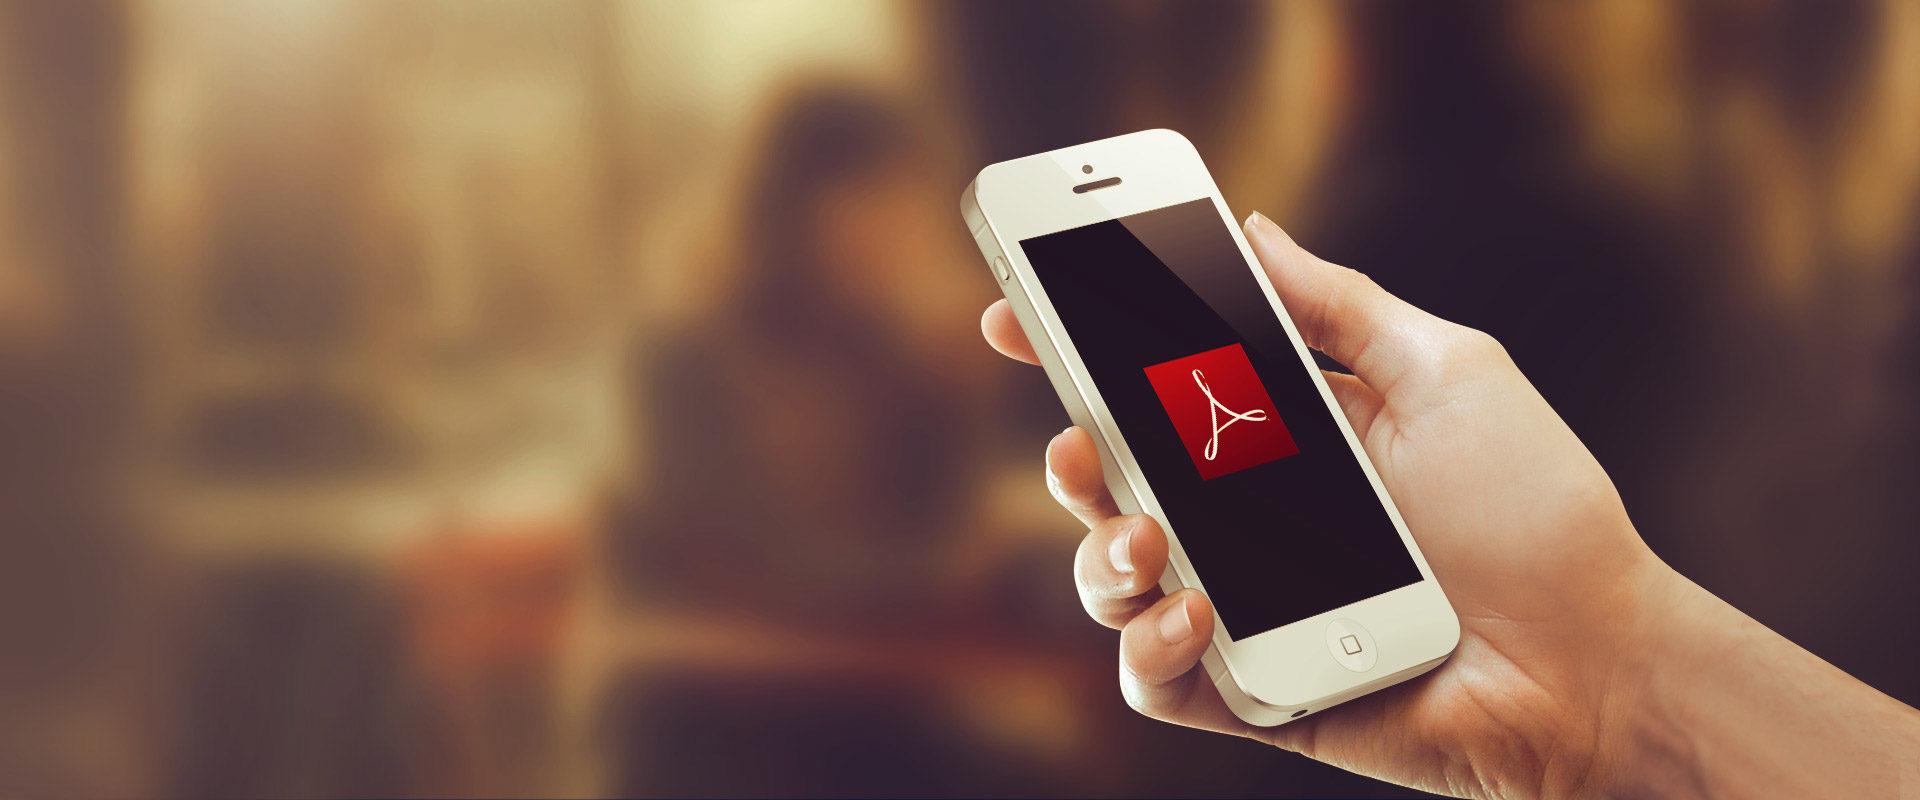 app di appuntamenti per nerd